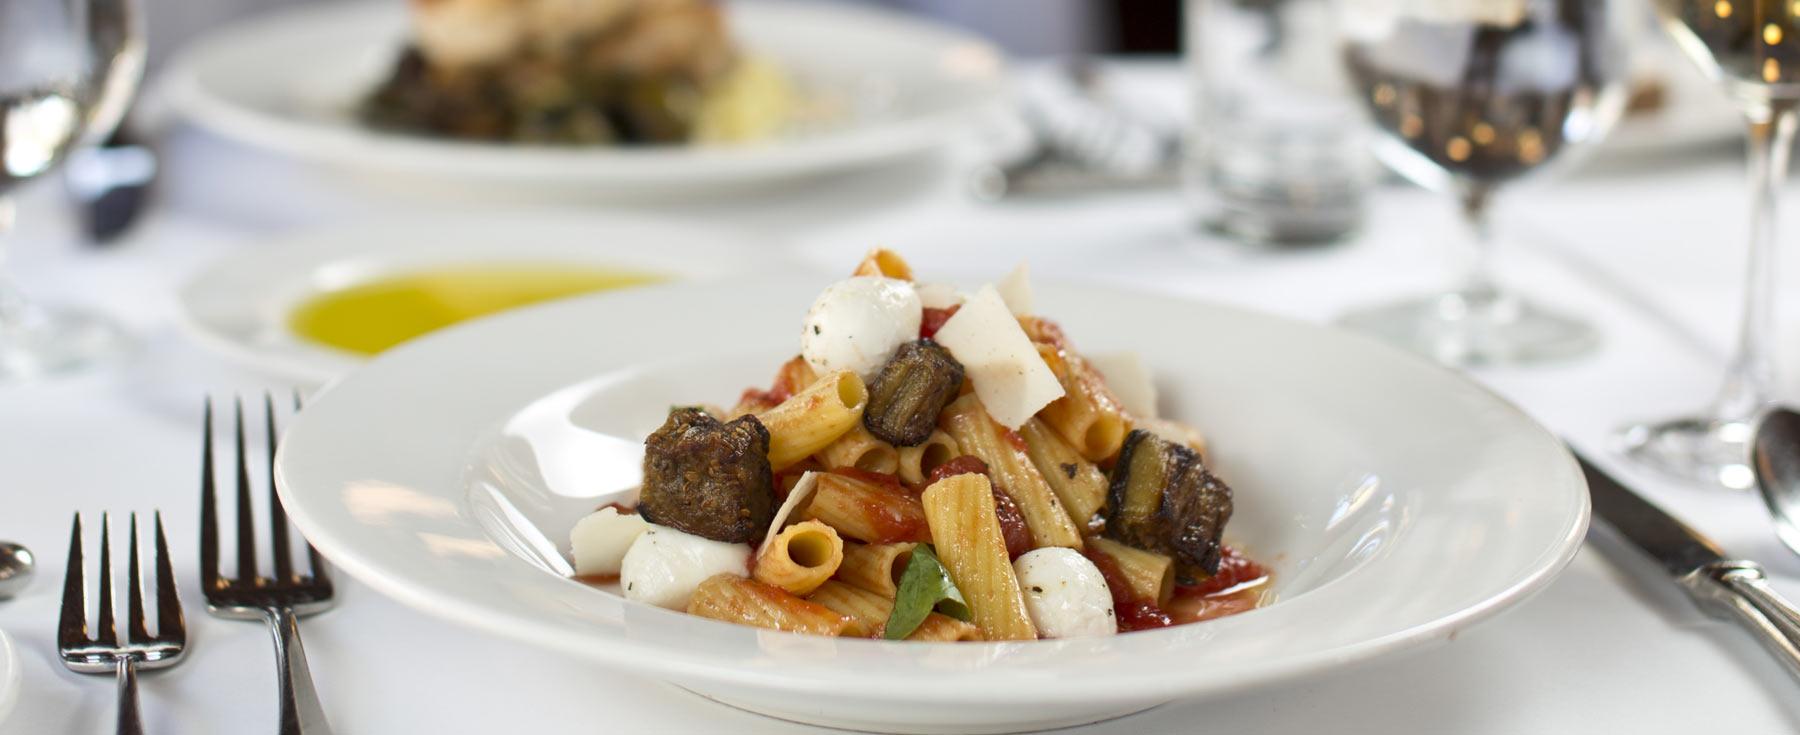 Ristorante bartolotta authentic italian cuisine in for Authentic italian cuisine